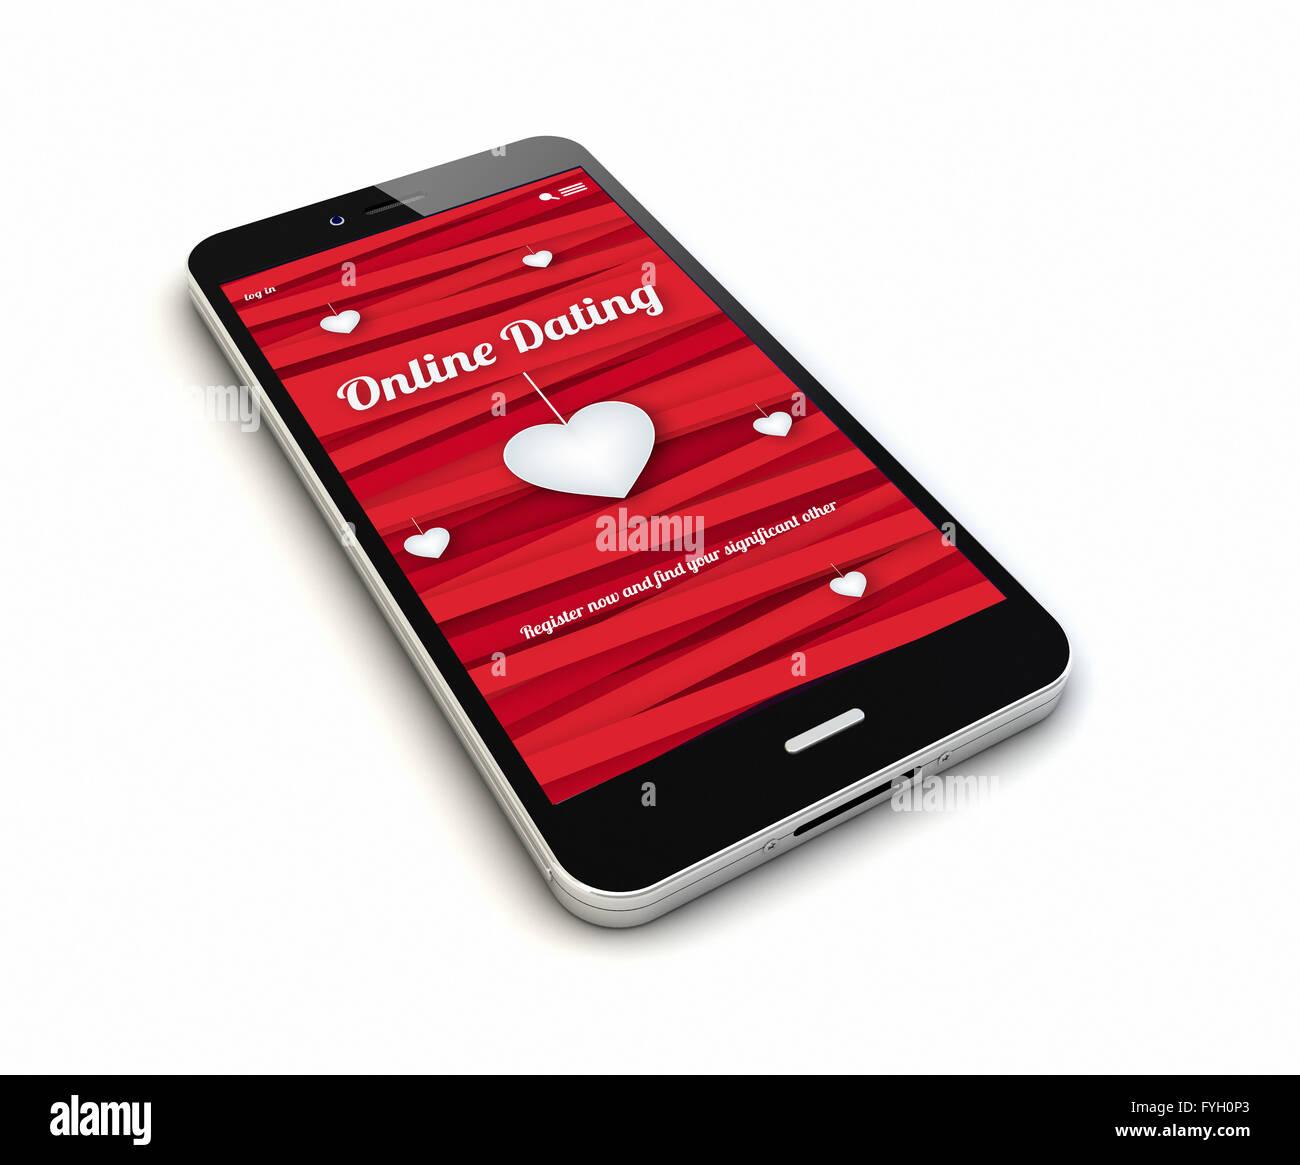 Was sagen Sie online dating Meine beste Freundin Dating